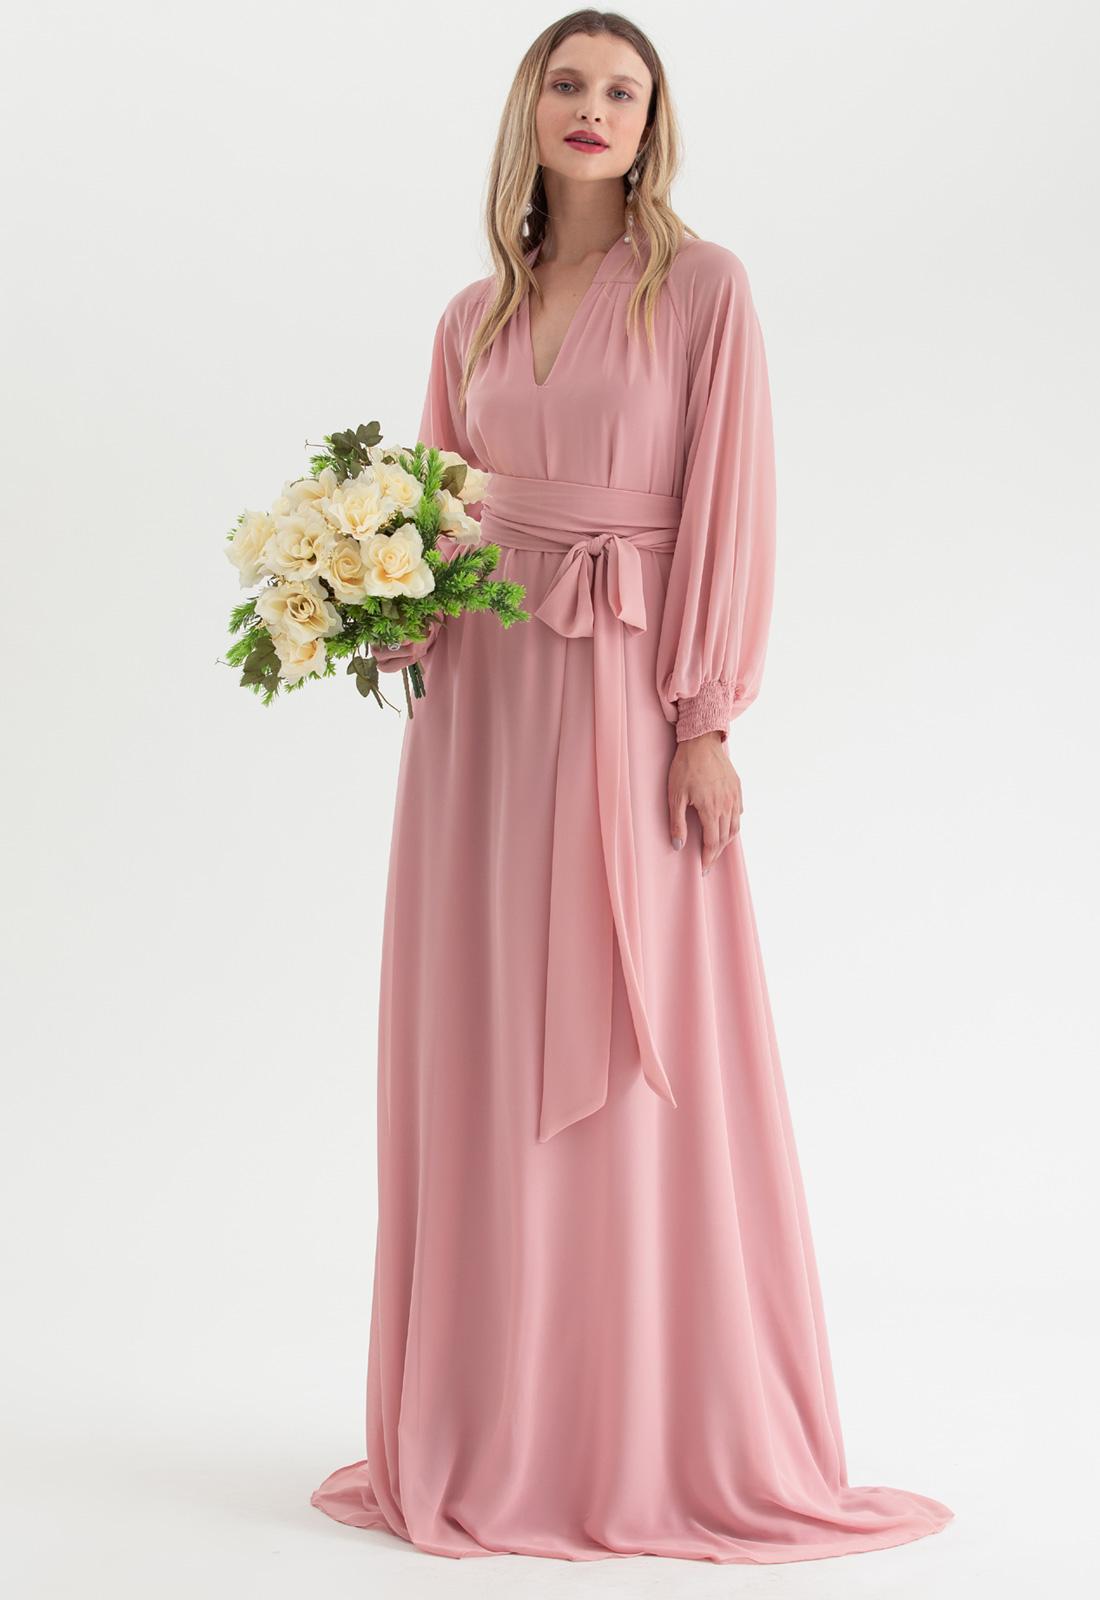 Vestido de festa Rosê multi-tamanho manga longa Ref. 2725